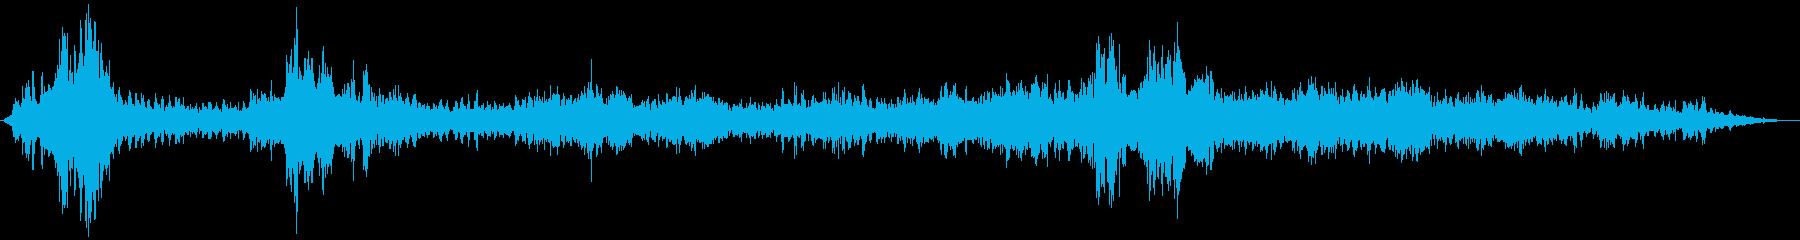 【ホラー 映画 ゲーム】汚染現場 シーンの再生済みの波形